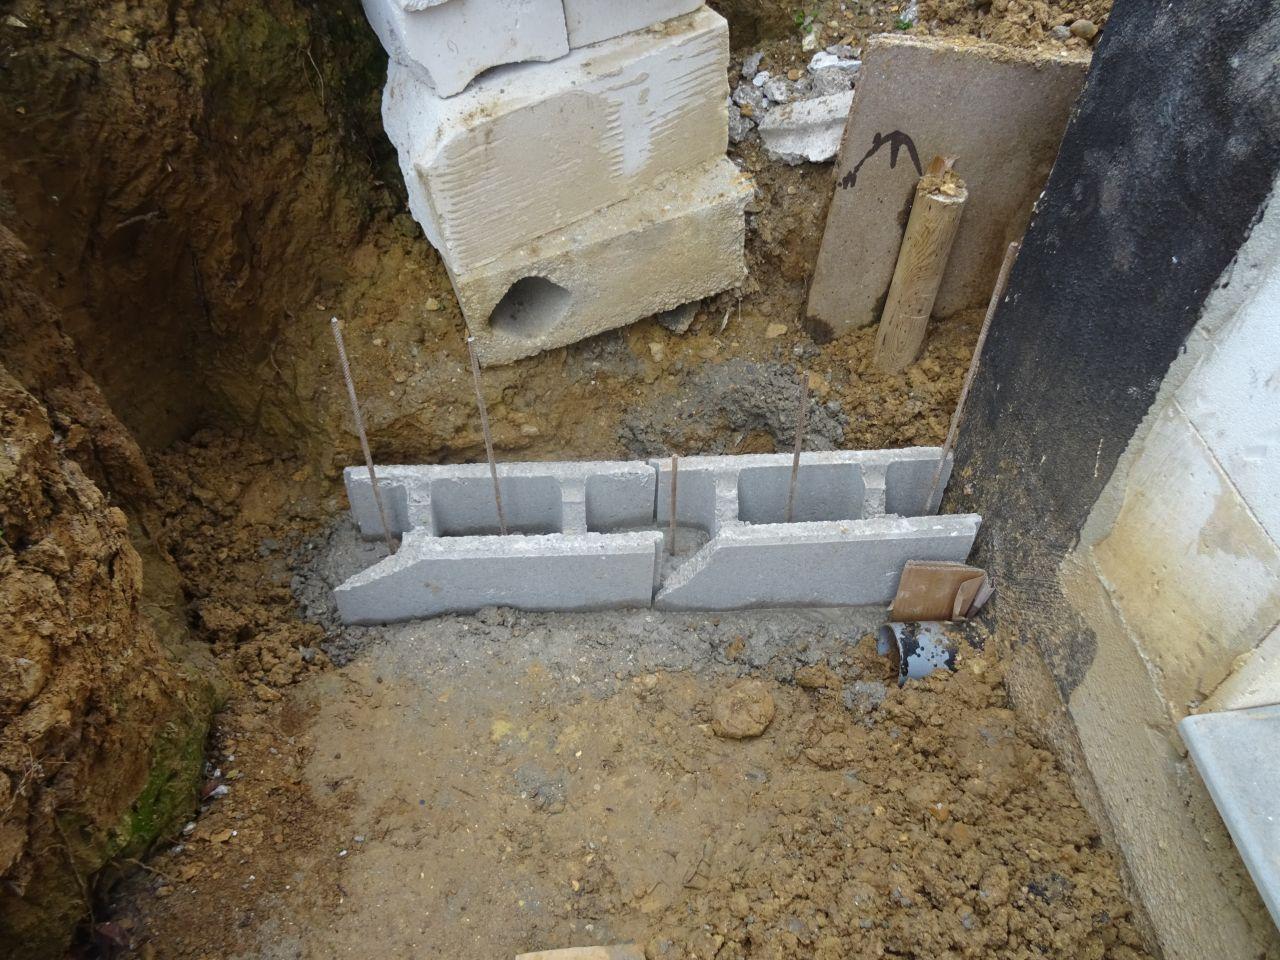 Un futur mur de soutènement. Les briques (de récup) ont été posées sur le ciment tout frais. Les ferraillages sont certainement juste des tiges droite plantées dedans (je ne sais pas si c'est conforme).